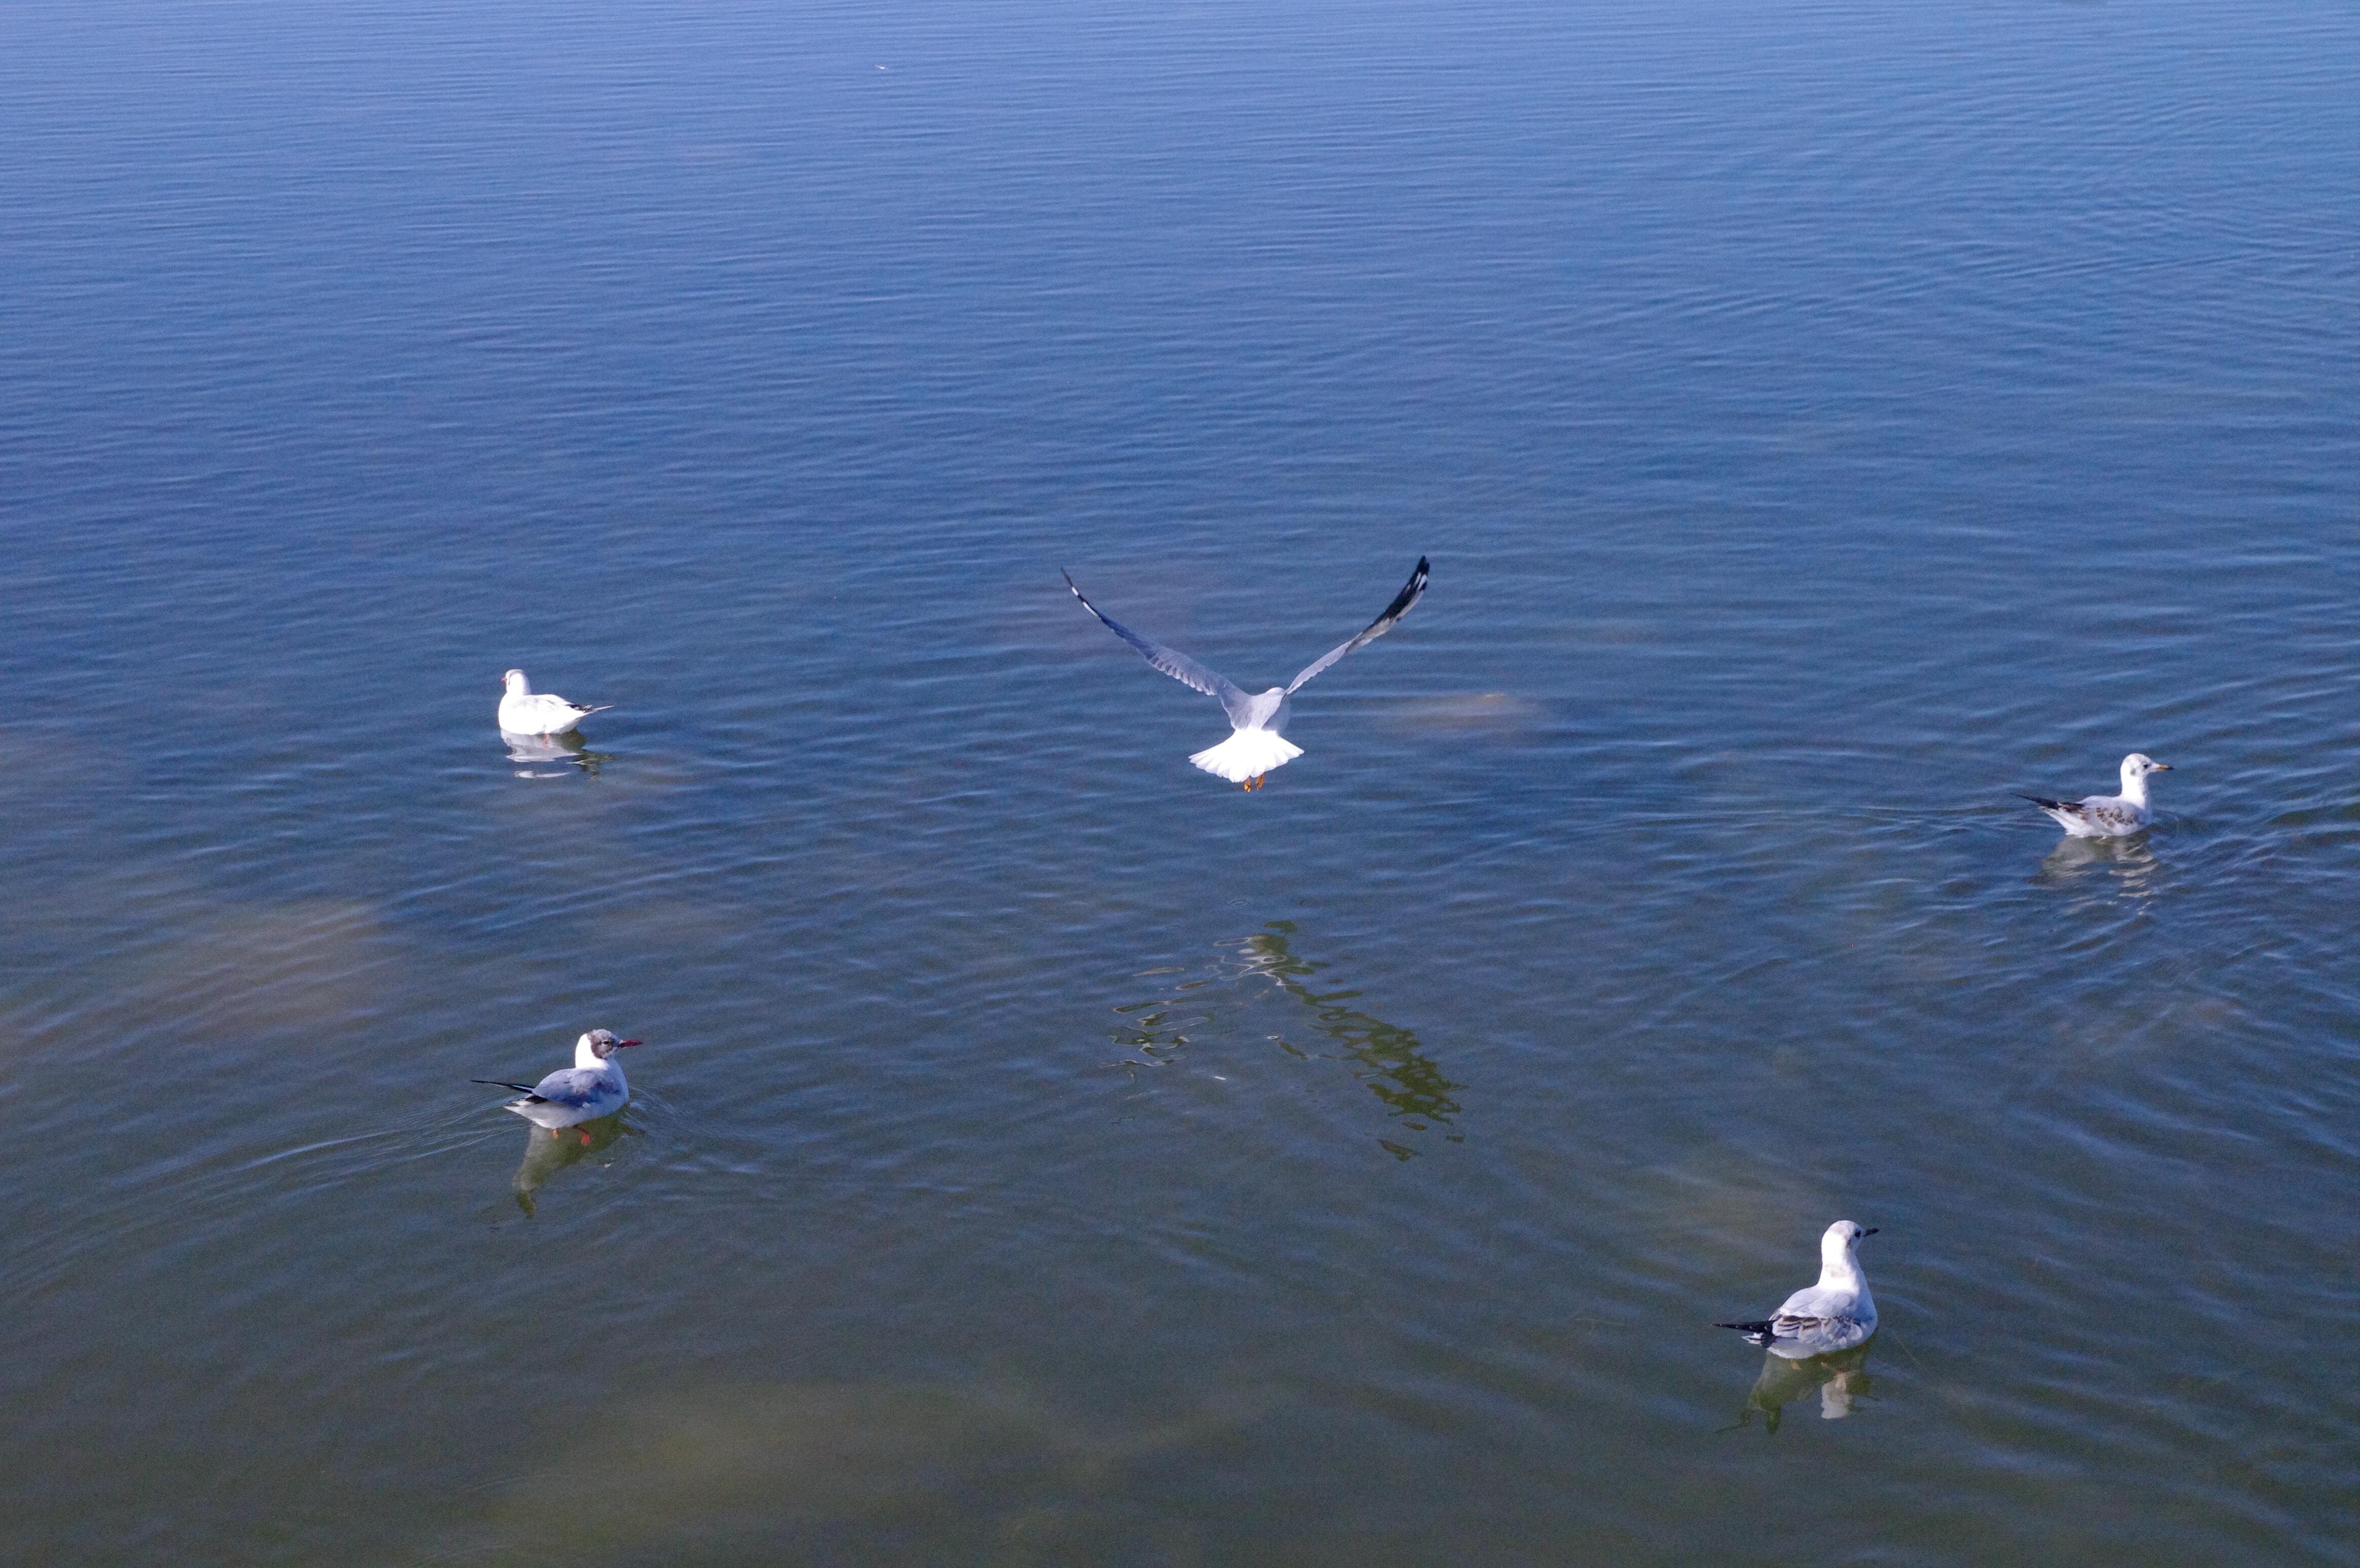 雪山,湖泊,河流,白天鹅....巴音布鲁克草原,除了苍茫,还有这么多的美